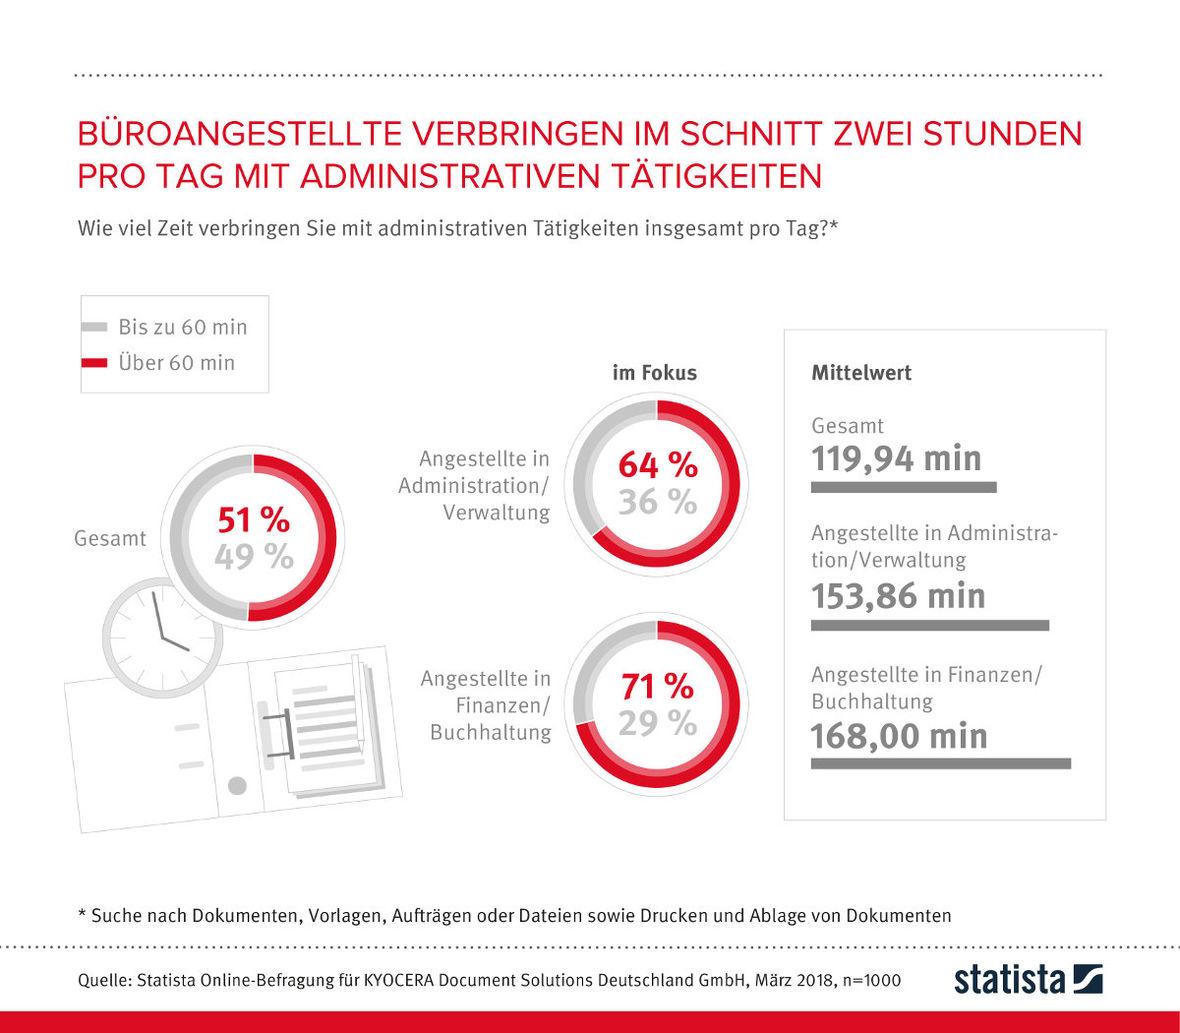 Deutsche Büroangestellte Suchen Täglich Bis Zu Zwei Stunden Nach